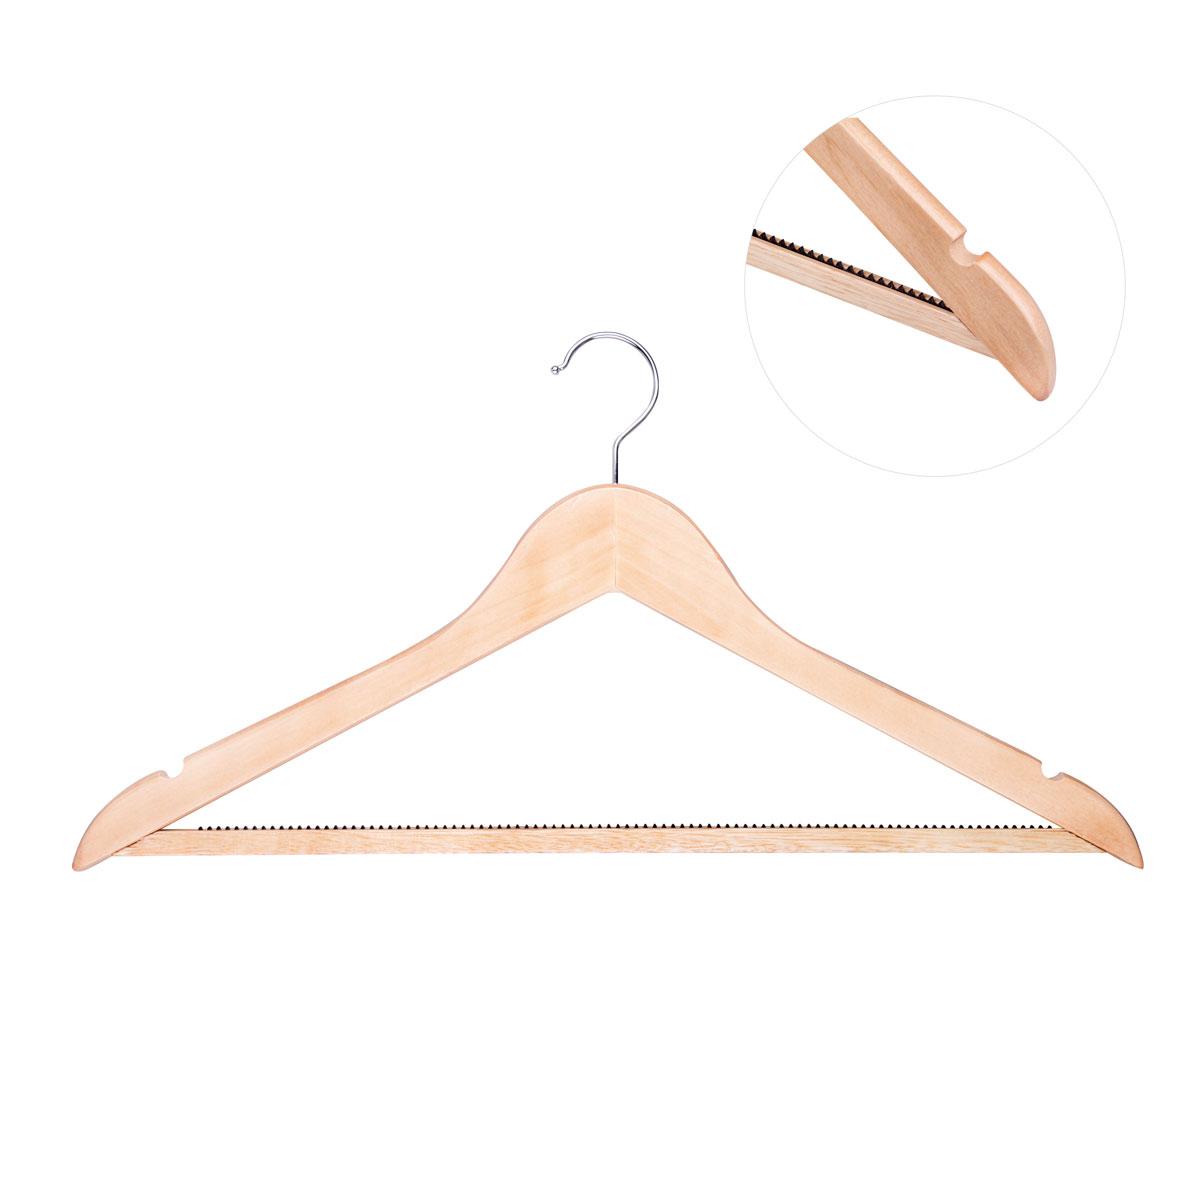 Вешалка для одежды Miolla, изогнутая, 44,5 х 23 х 1,2 см2511005Универсальная вешалка для одежды Miolla выполнена из прочного дерева. Изделие оснащено перекладиной и двумя крючками. Пластиковые зубчики на перекладине предотвращают скольжение.Вешалка - это незаменимая вещь для того, чтобы ваша одежда всегда оставалась в хорошем состоянии.